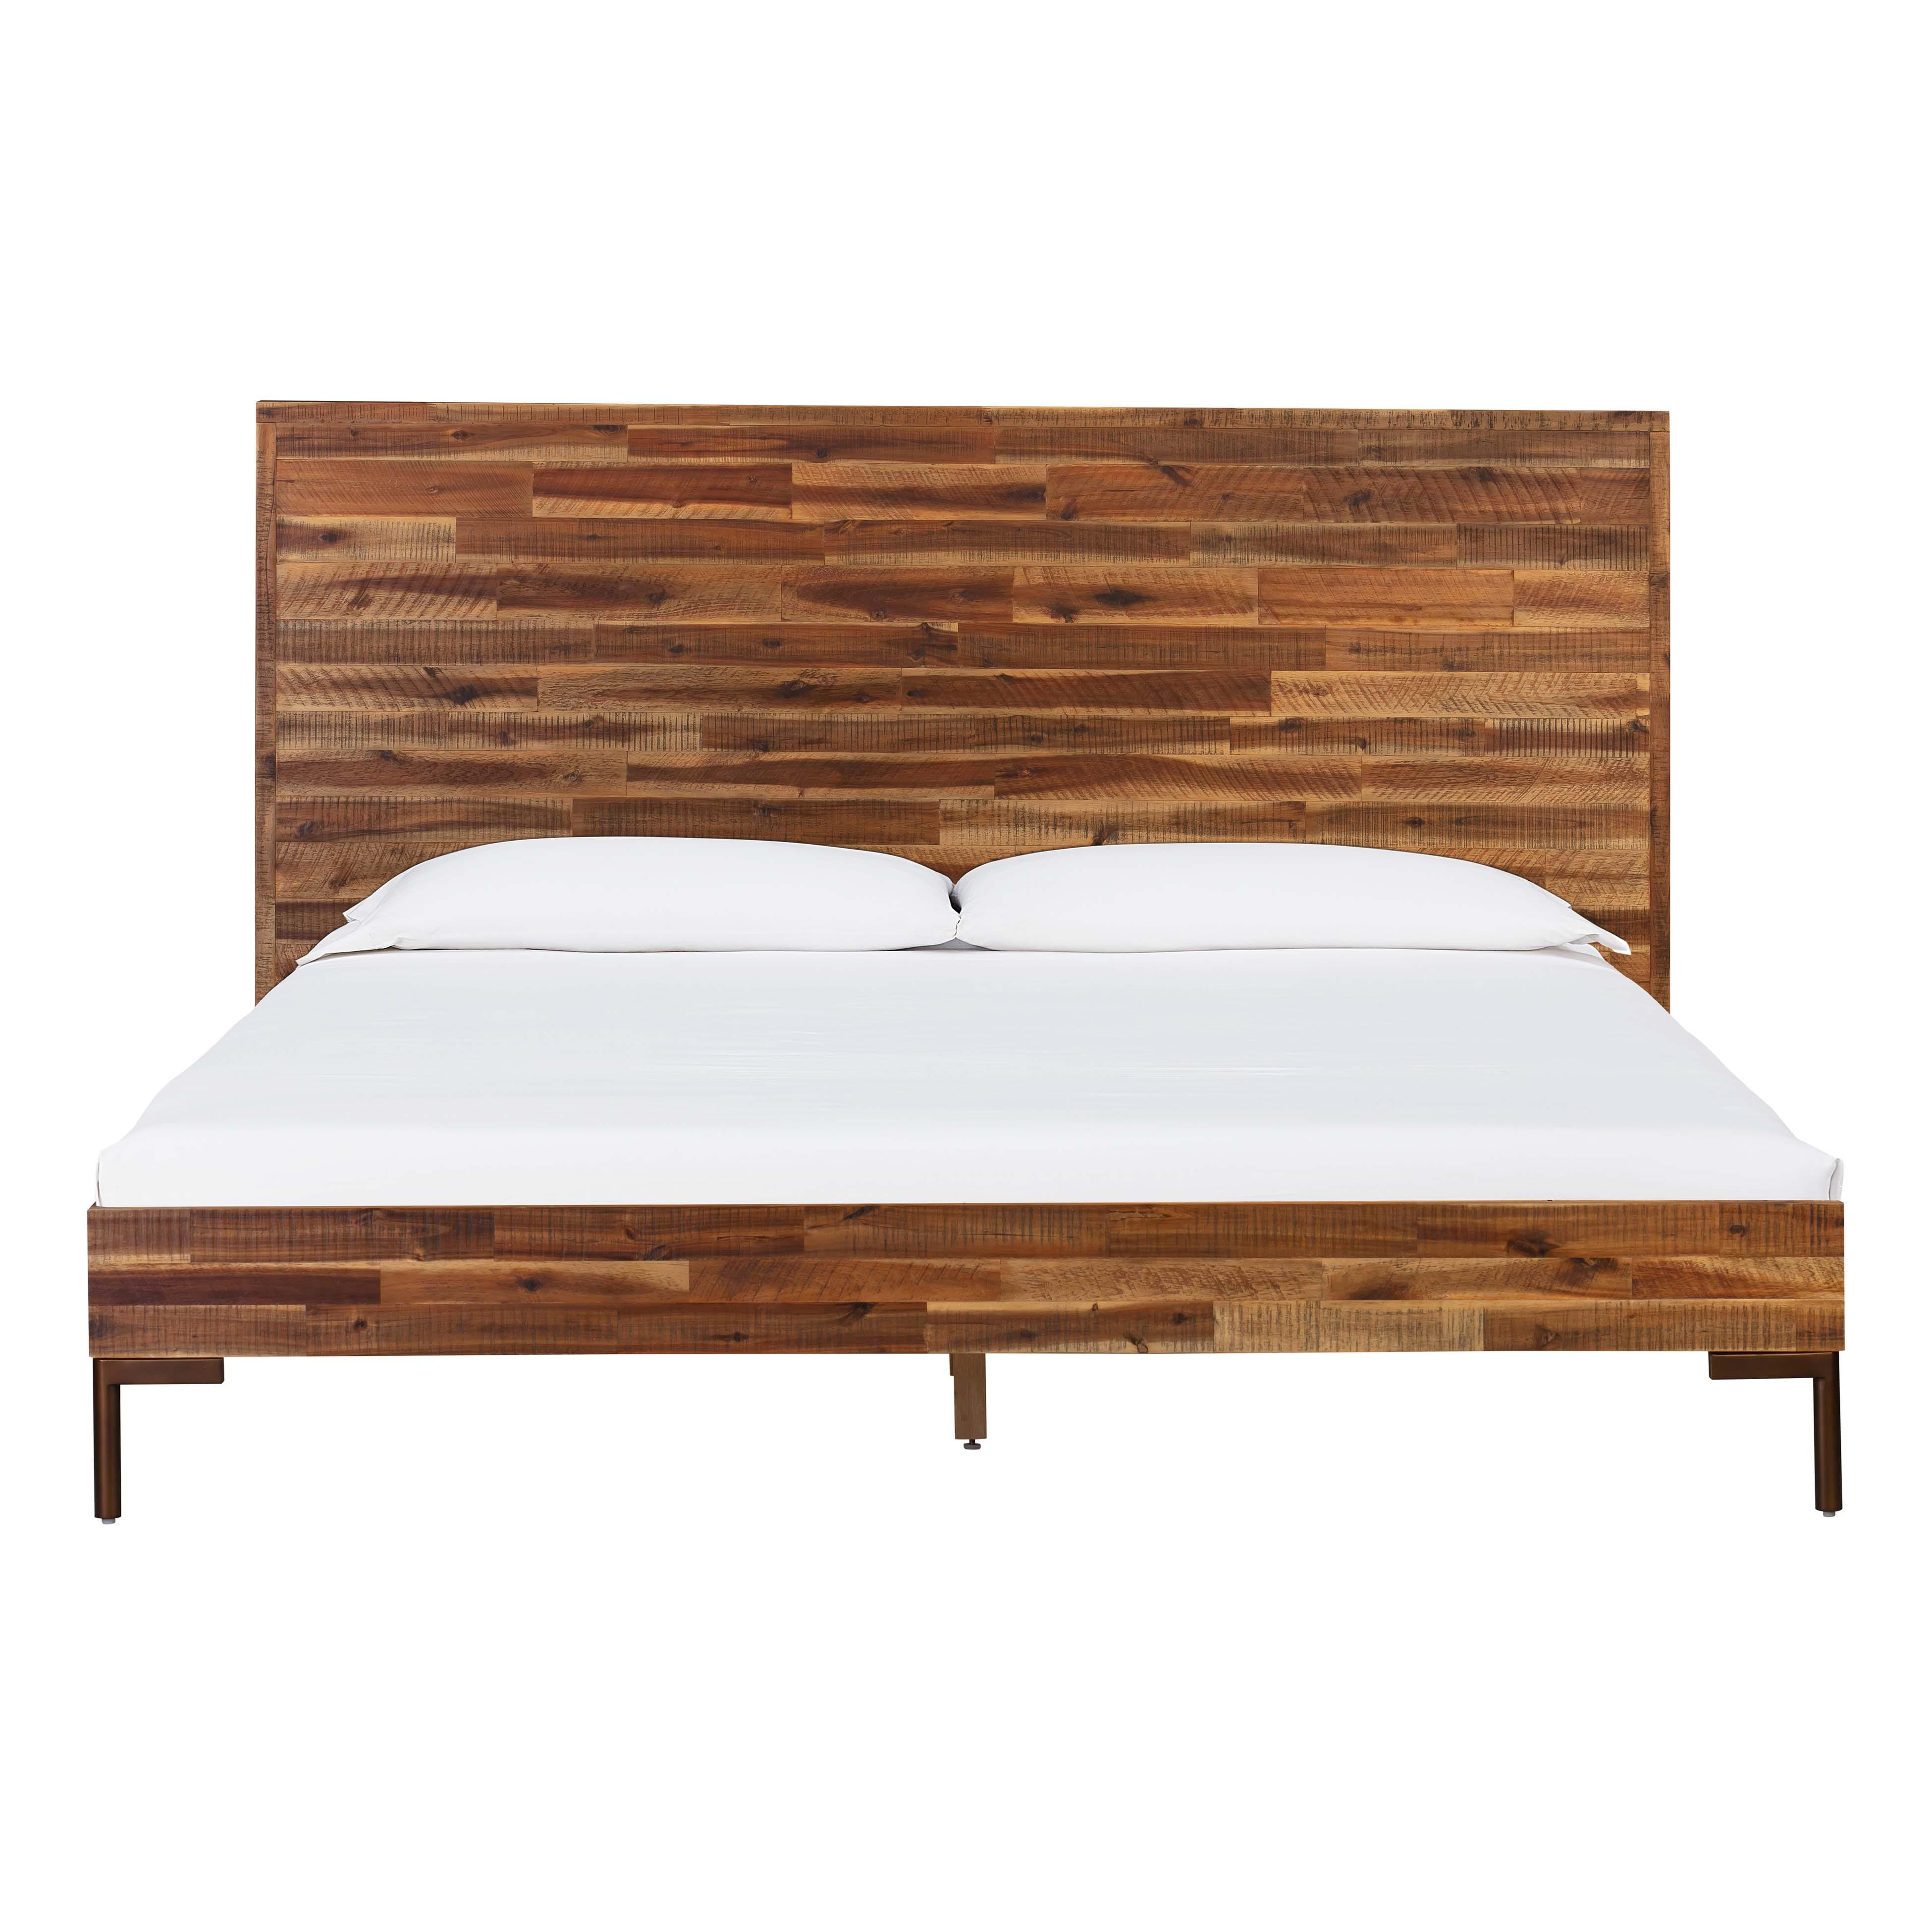 Bushwick Wooden King Bed Tov Furniture